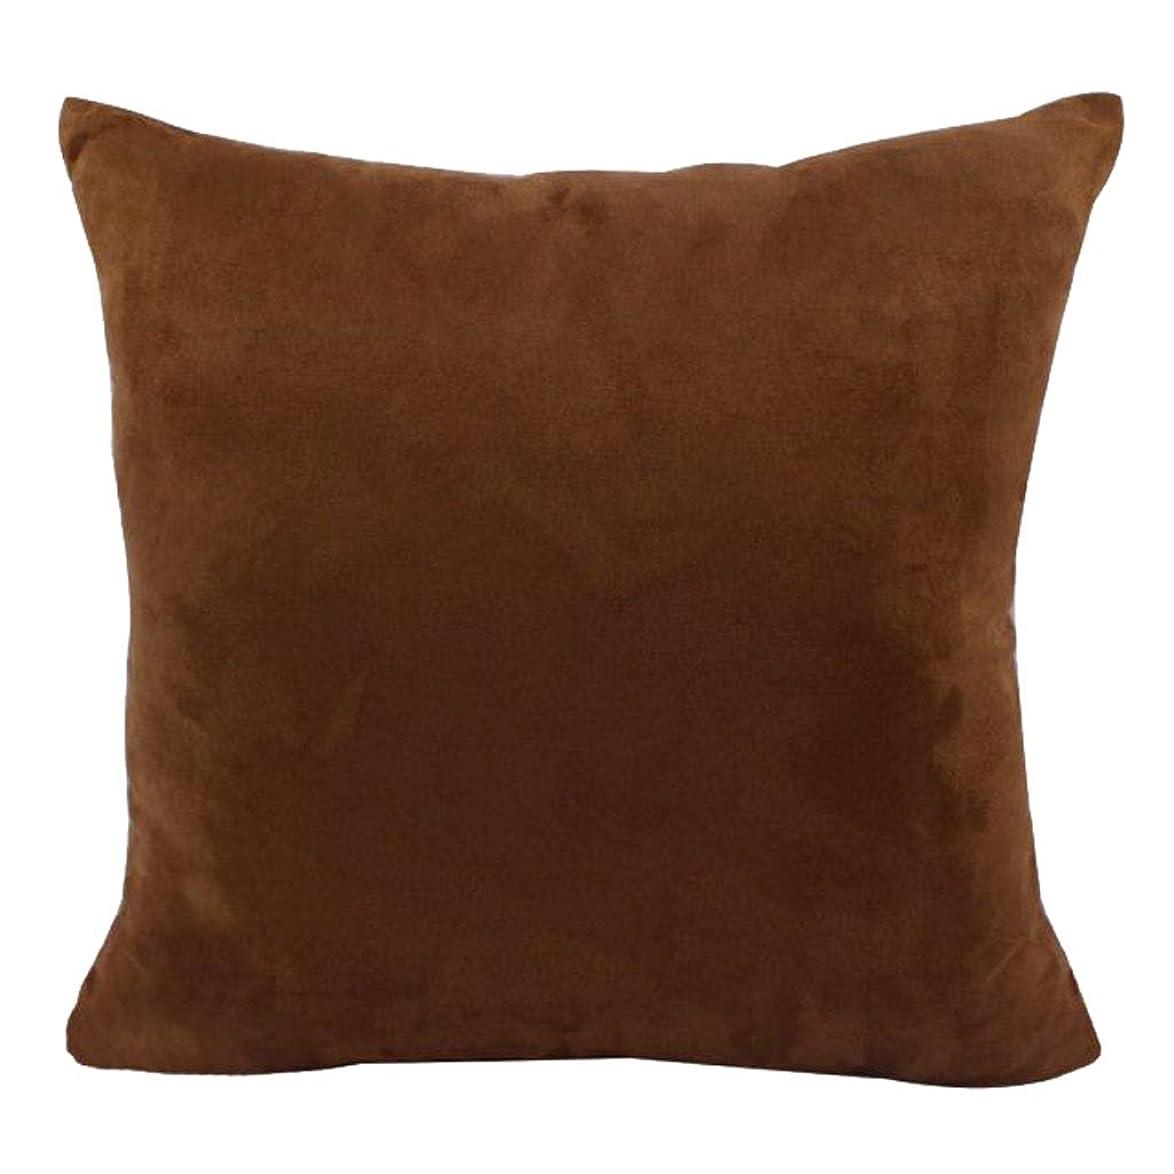 寝室を掃除する芸術的質量B Blesiya クッションカバー 柔らかいベルベット 枕カバー シンプル エレガント 多色2サイズ - ブラウン, 45×45cm